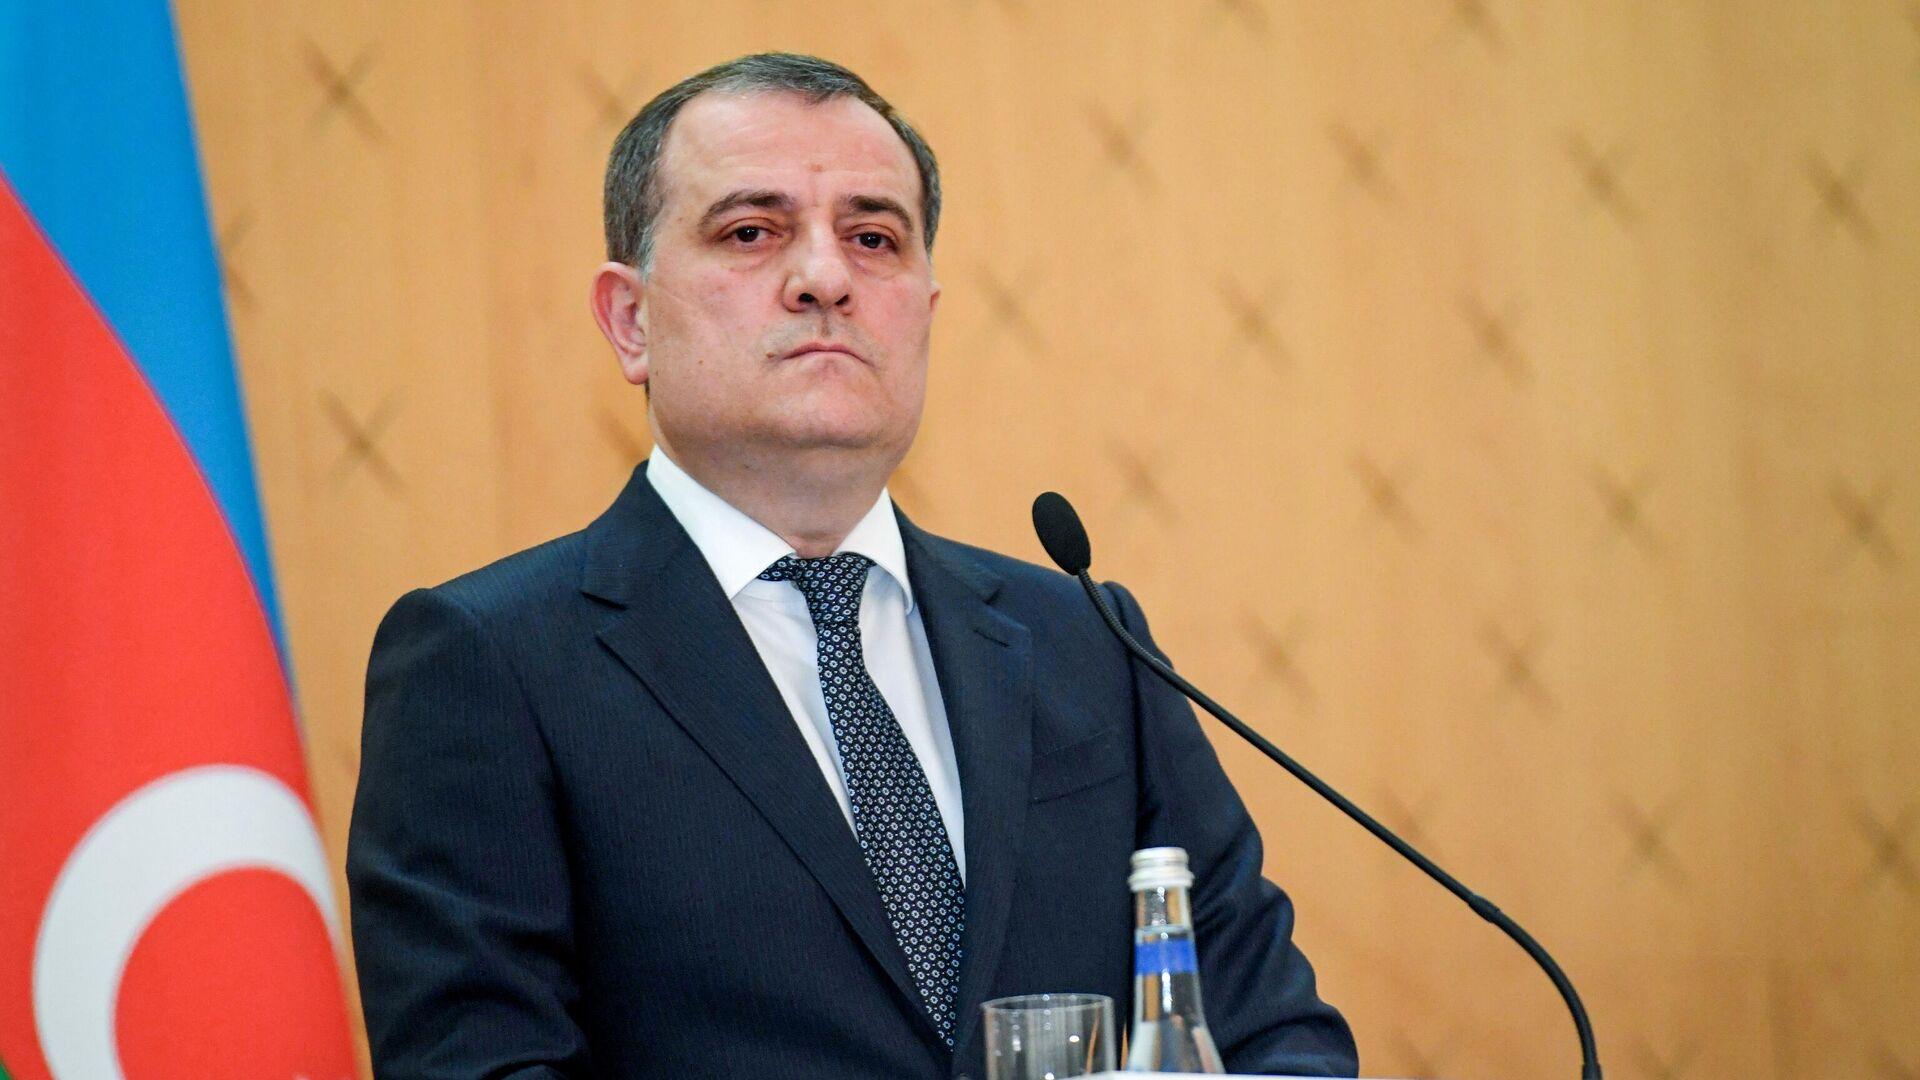 Главы МИД Армении и Азербайджана встретились впервые с ноября 2020 года